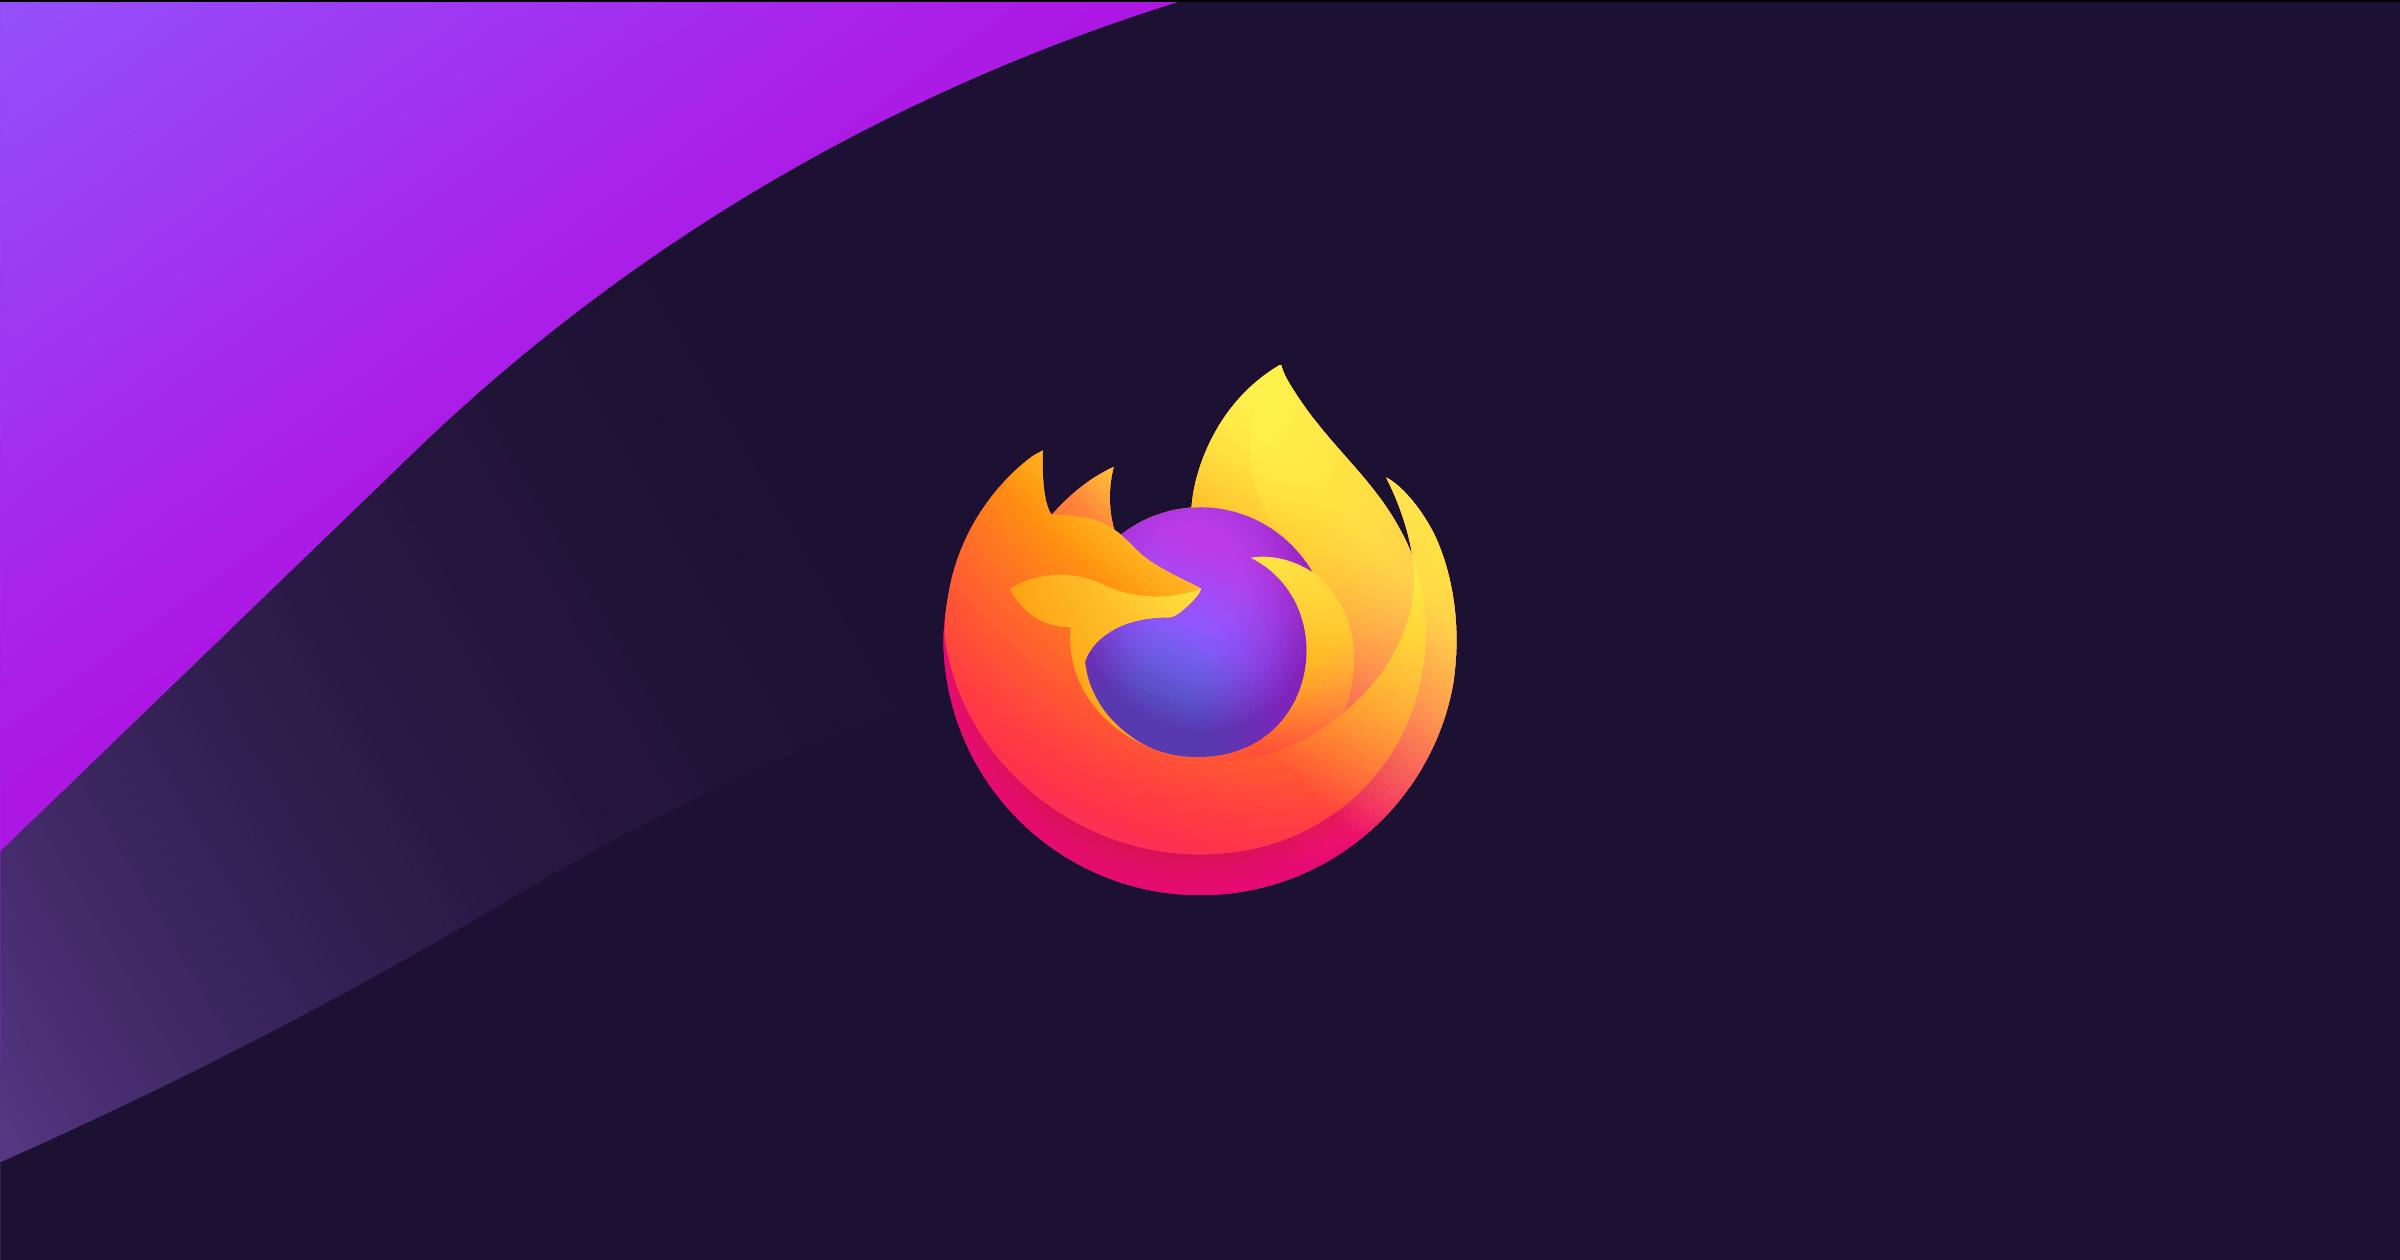 6 نکته و ترفند فایرفاکس که بهتر است بدانید